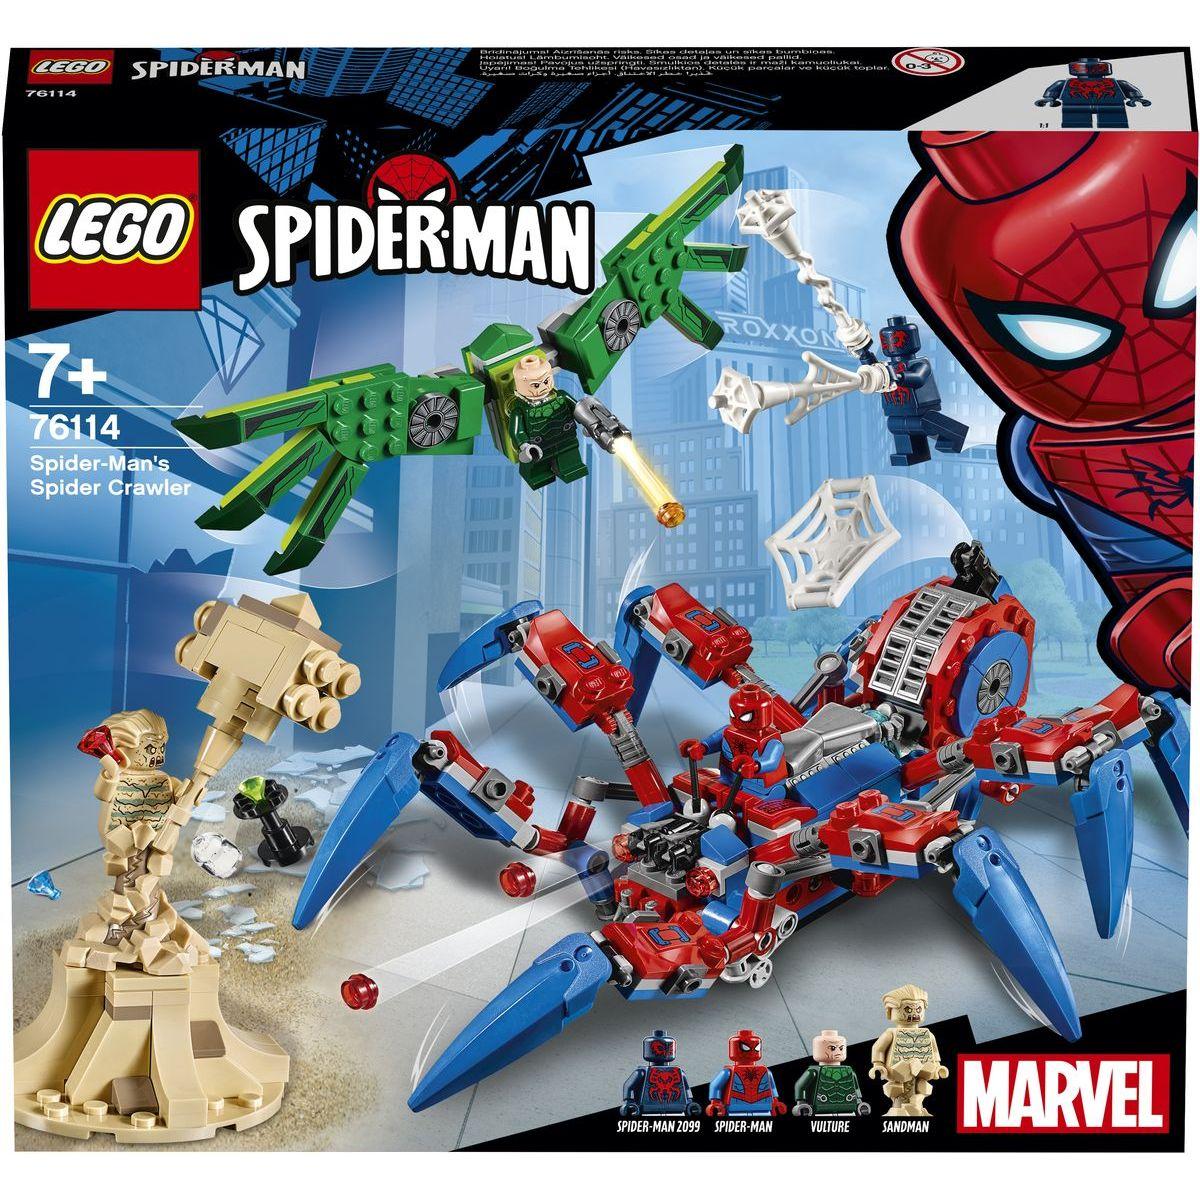 LEGO Super Heroes 76114 Spiderman pavoukolez LEGO